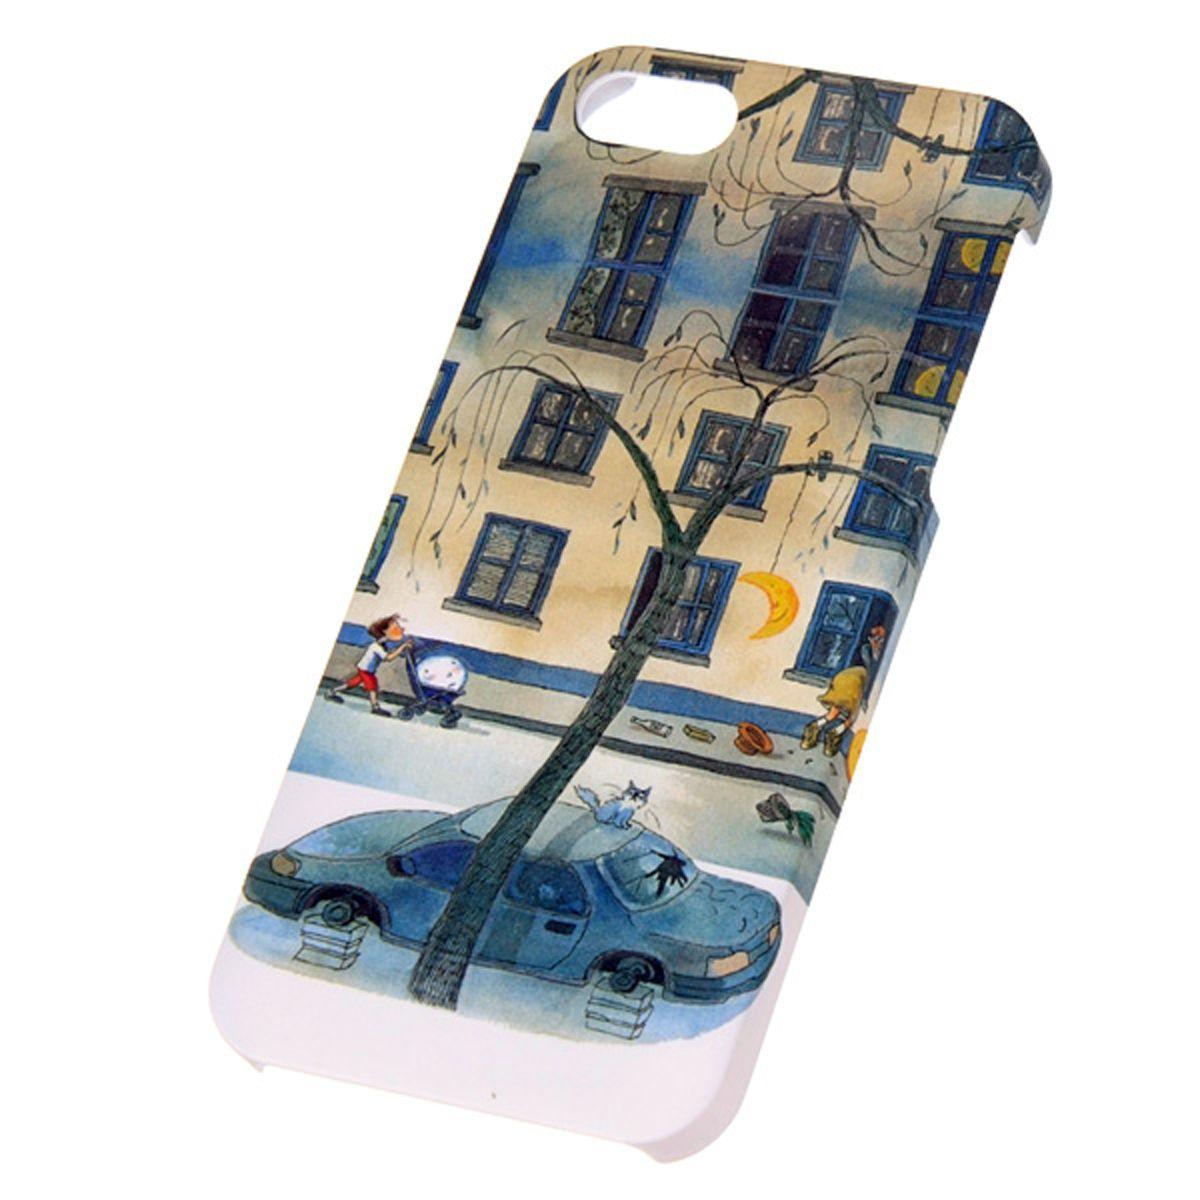 Mitya Veselkov чехол для Apple iPhone 5/5s (KAFKAFIVE-17)KAFKAFIVE-17Превосходный чехол Mitya Veselkov для Apple iPhone 5/5s создан для любителей заметных аксессуаров. Накладка придаст вашему телефону индивидуальность и послужит прекрасной защитой от ударов и царапин.